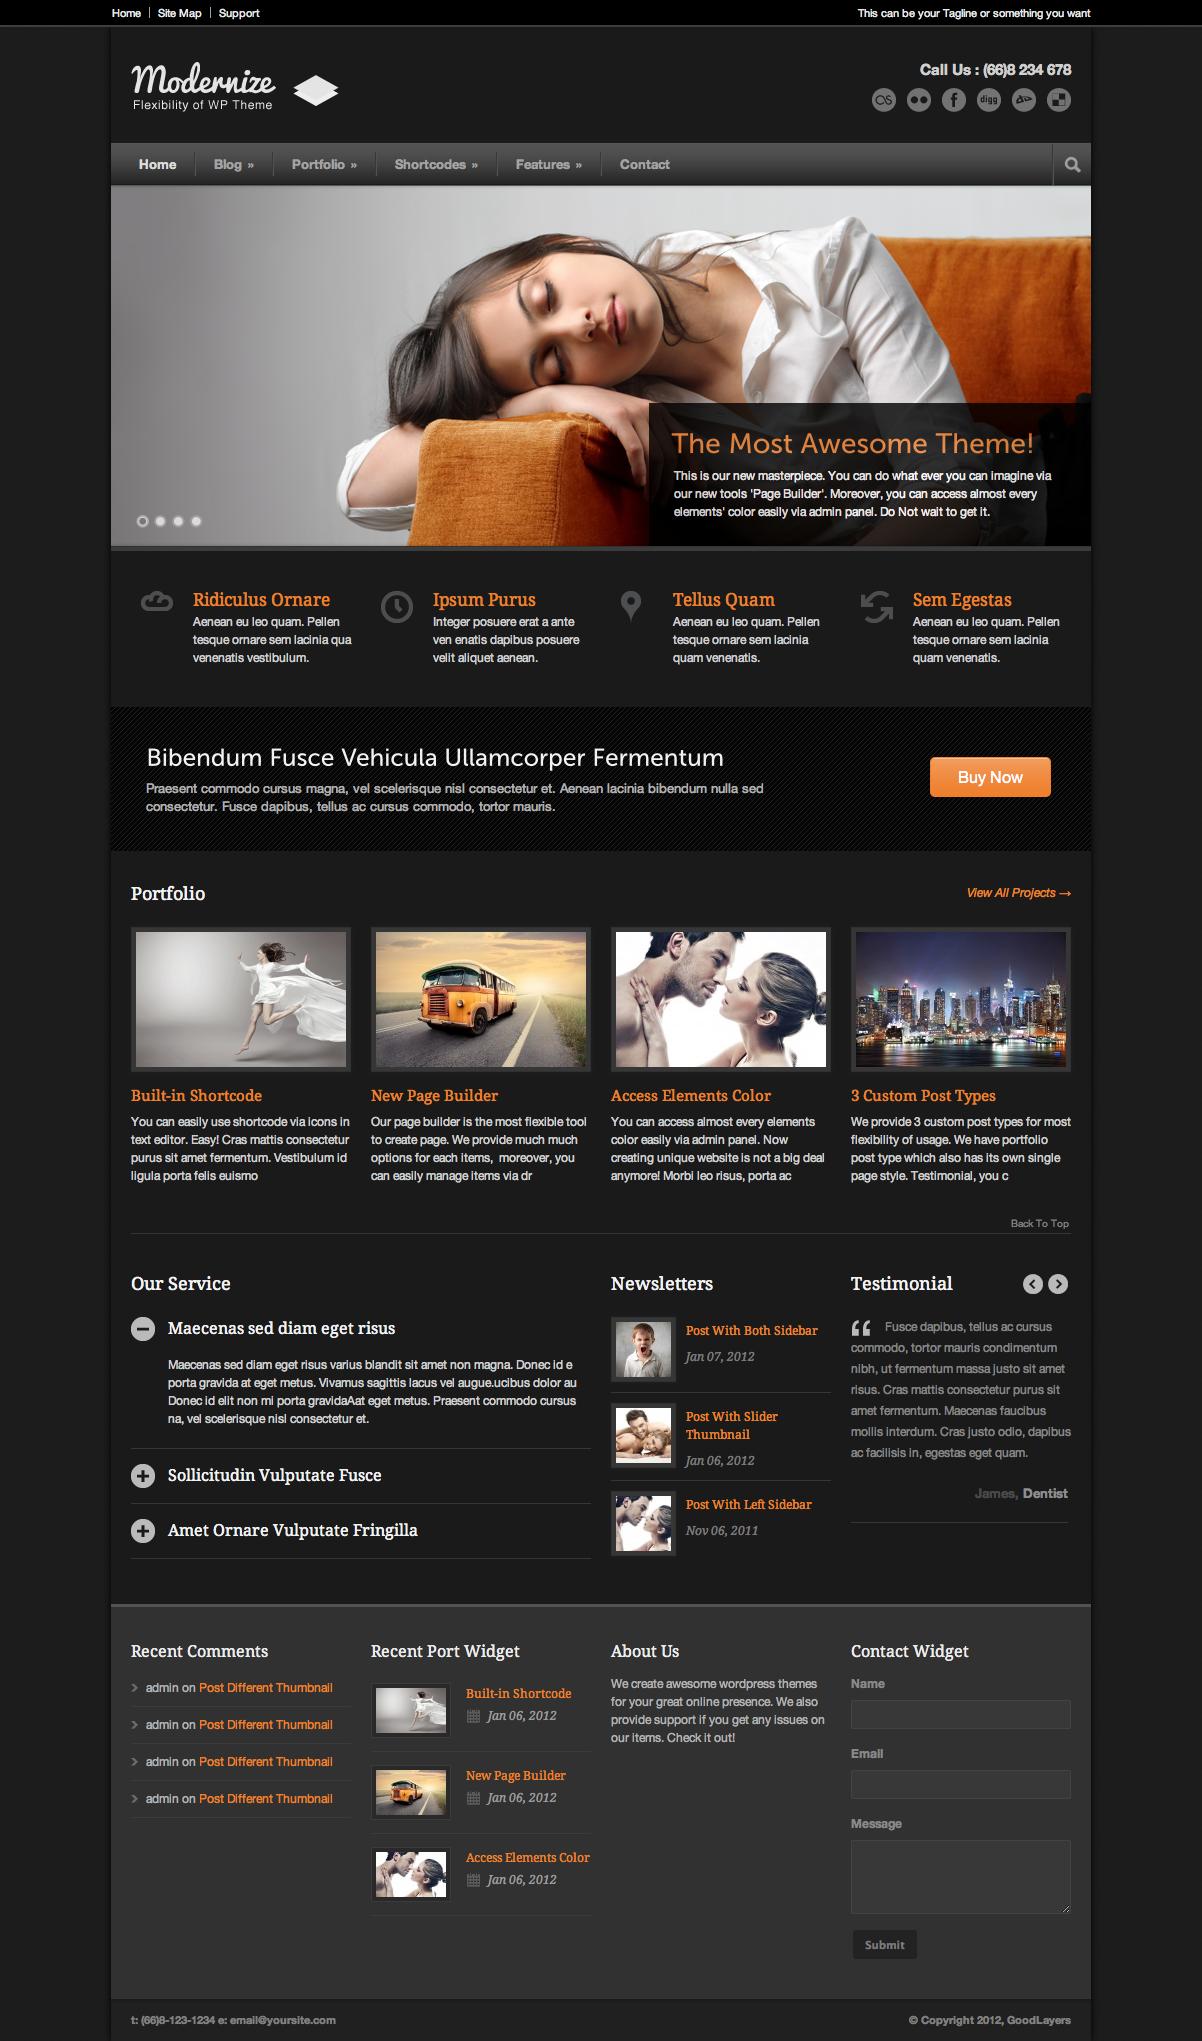 Modernize - Flexibility of WordPress by GoodLayers | ThemeForest